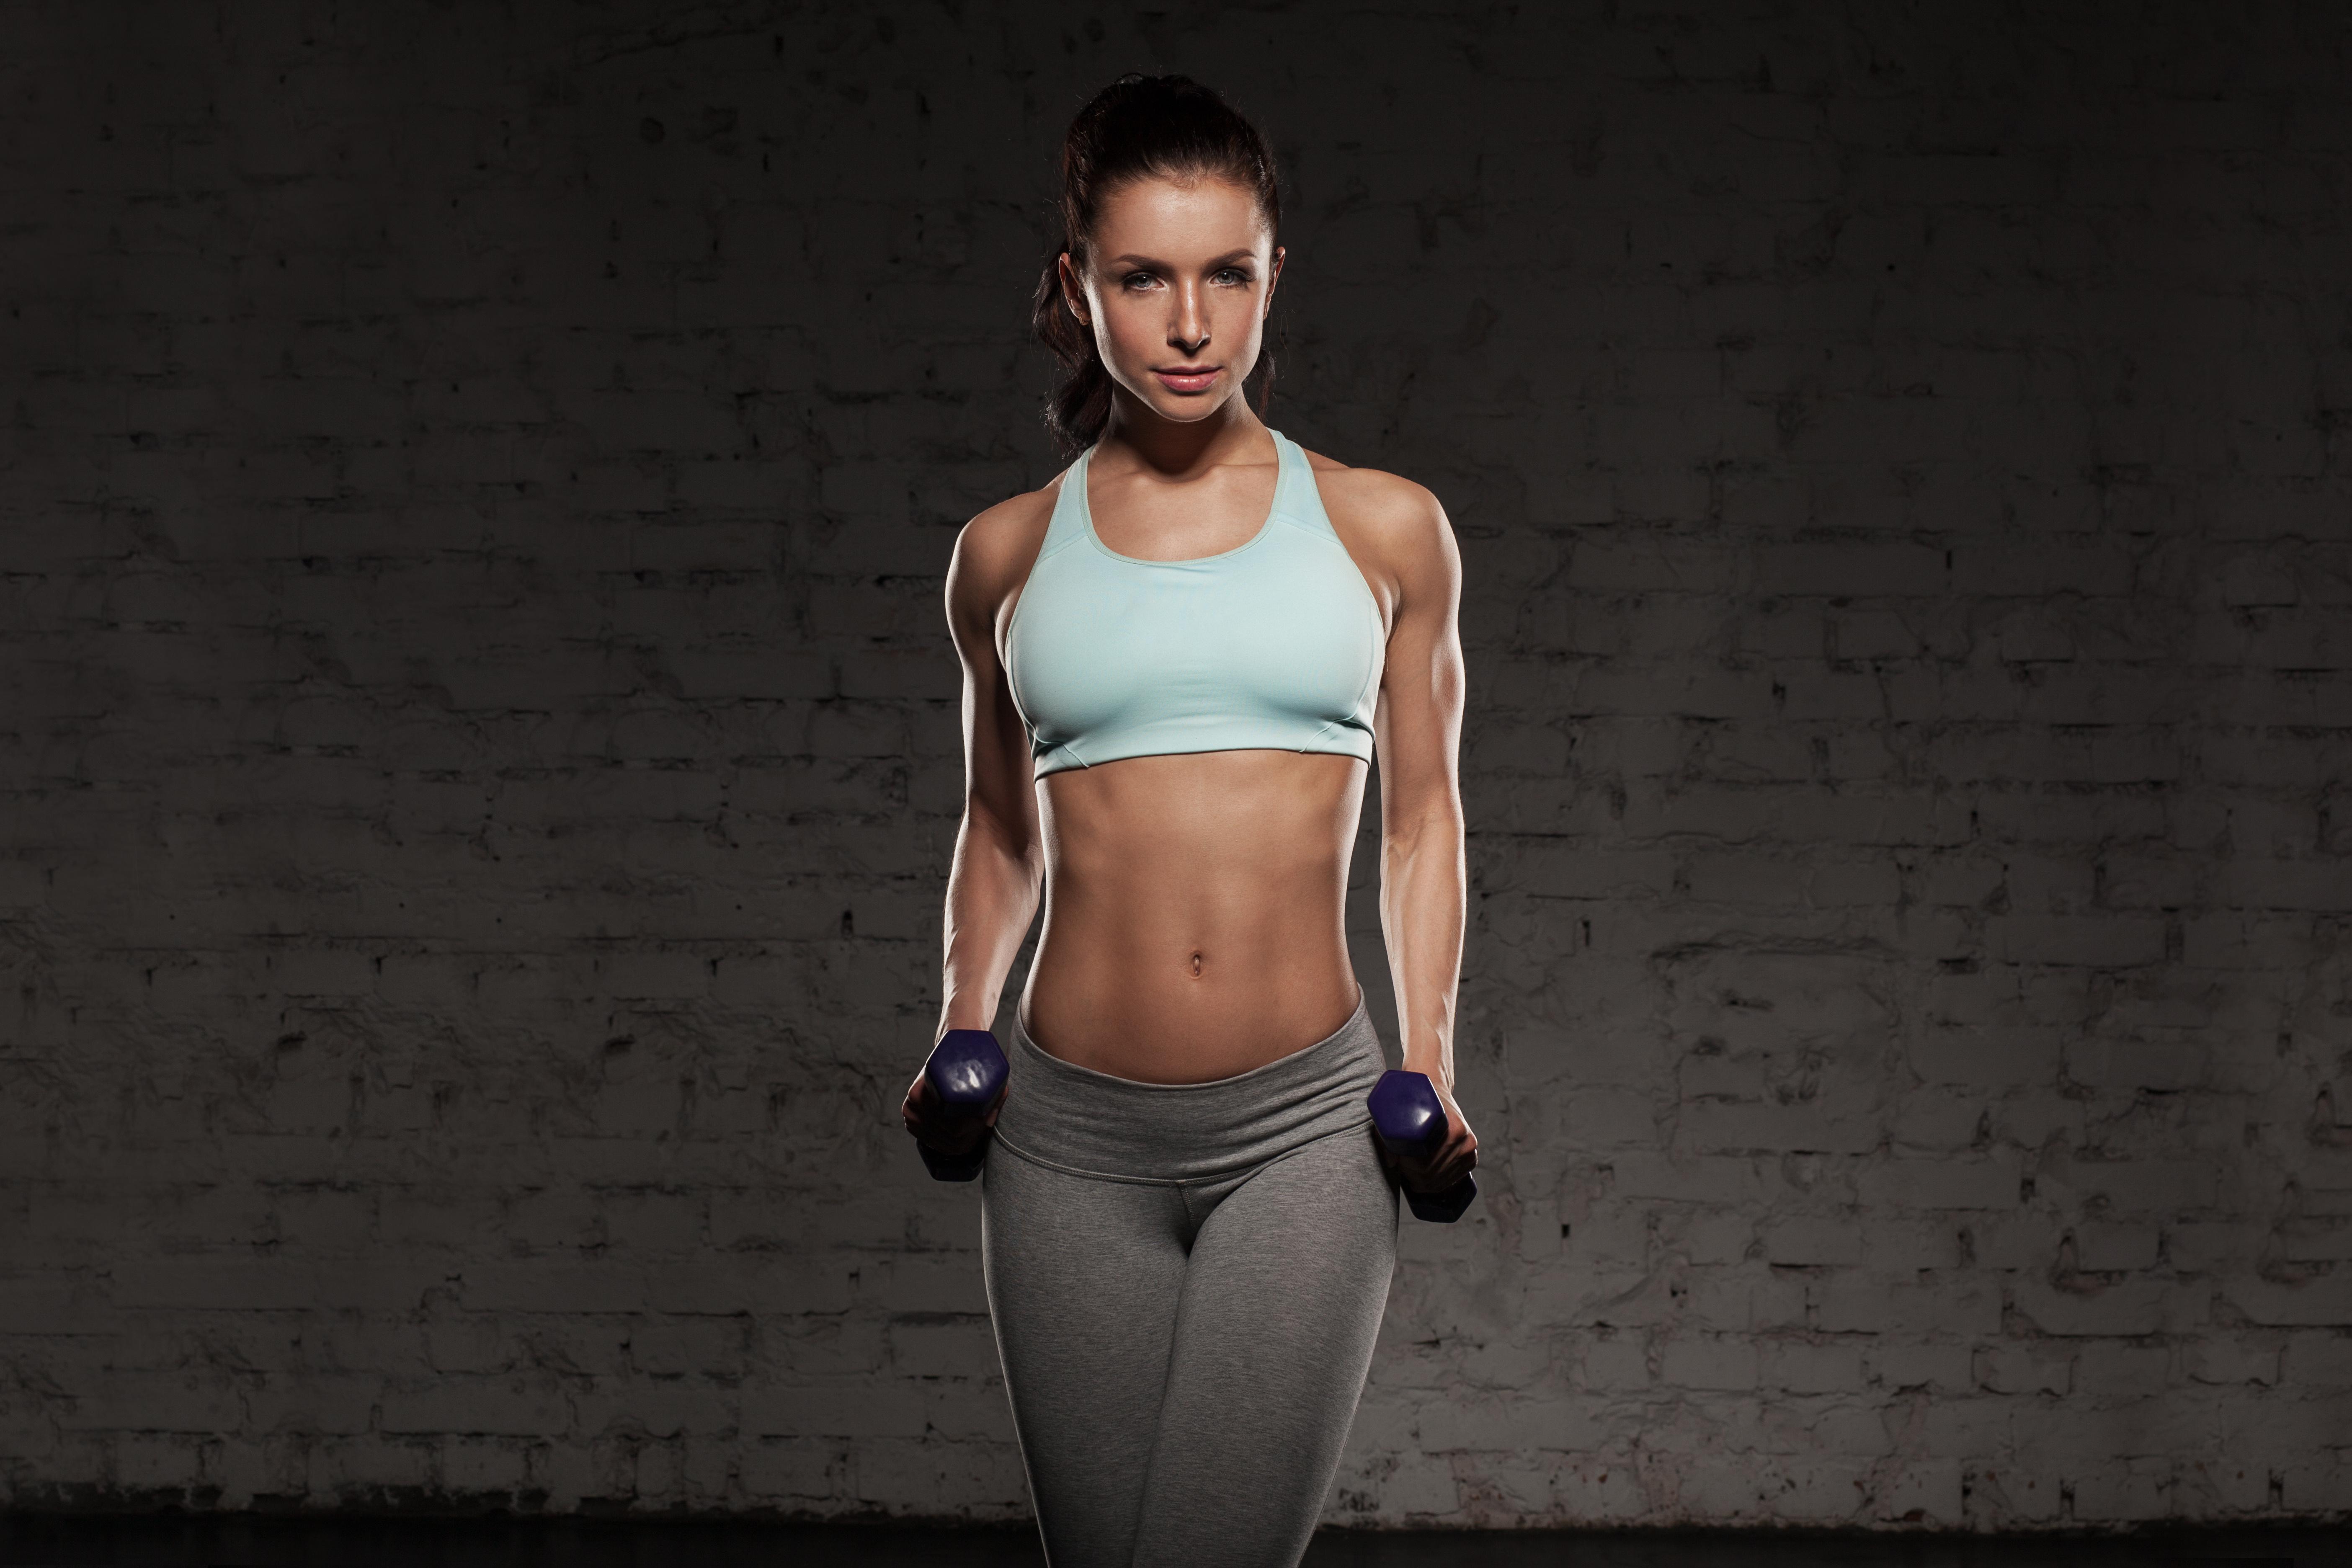 筋肉の美しい女性